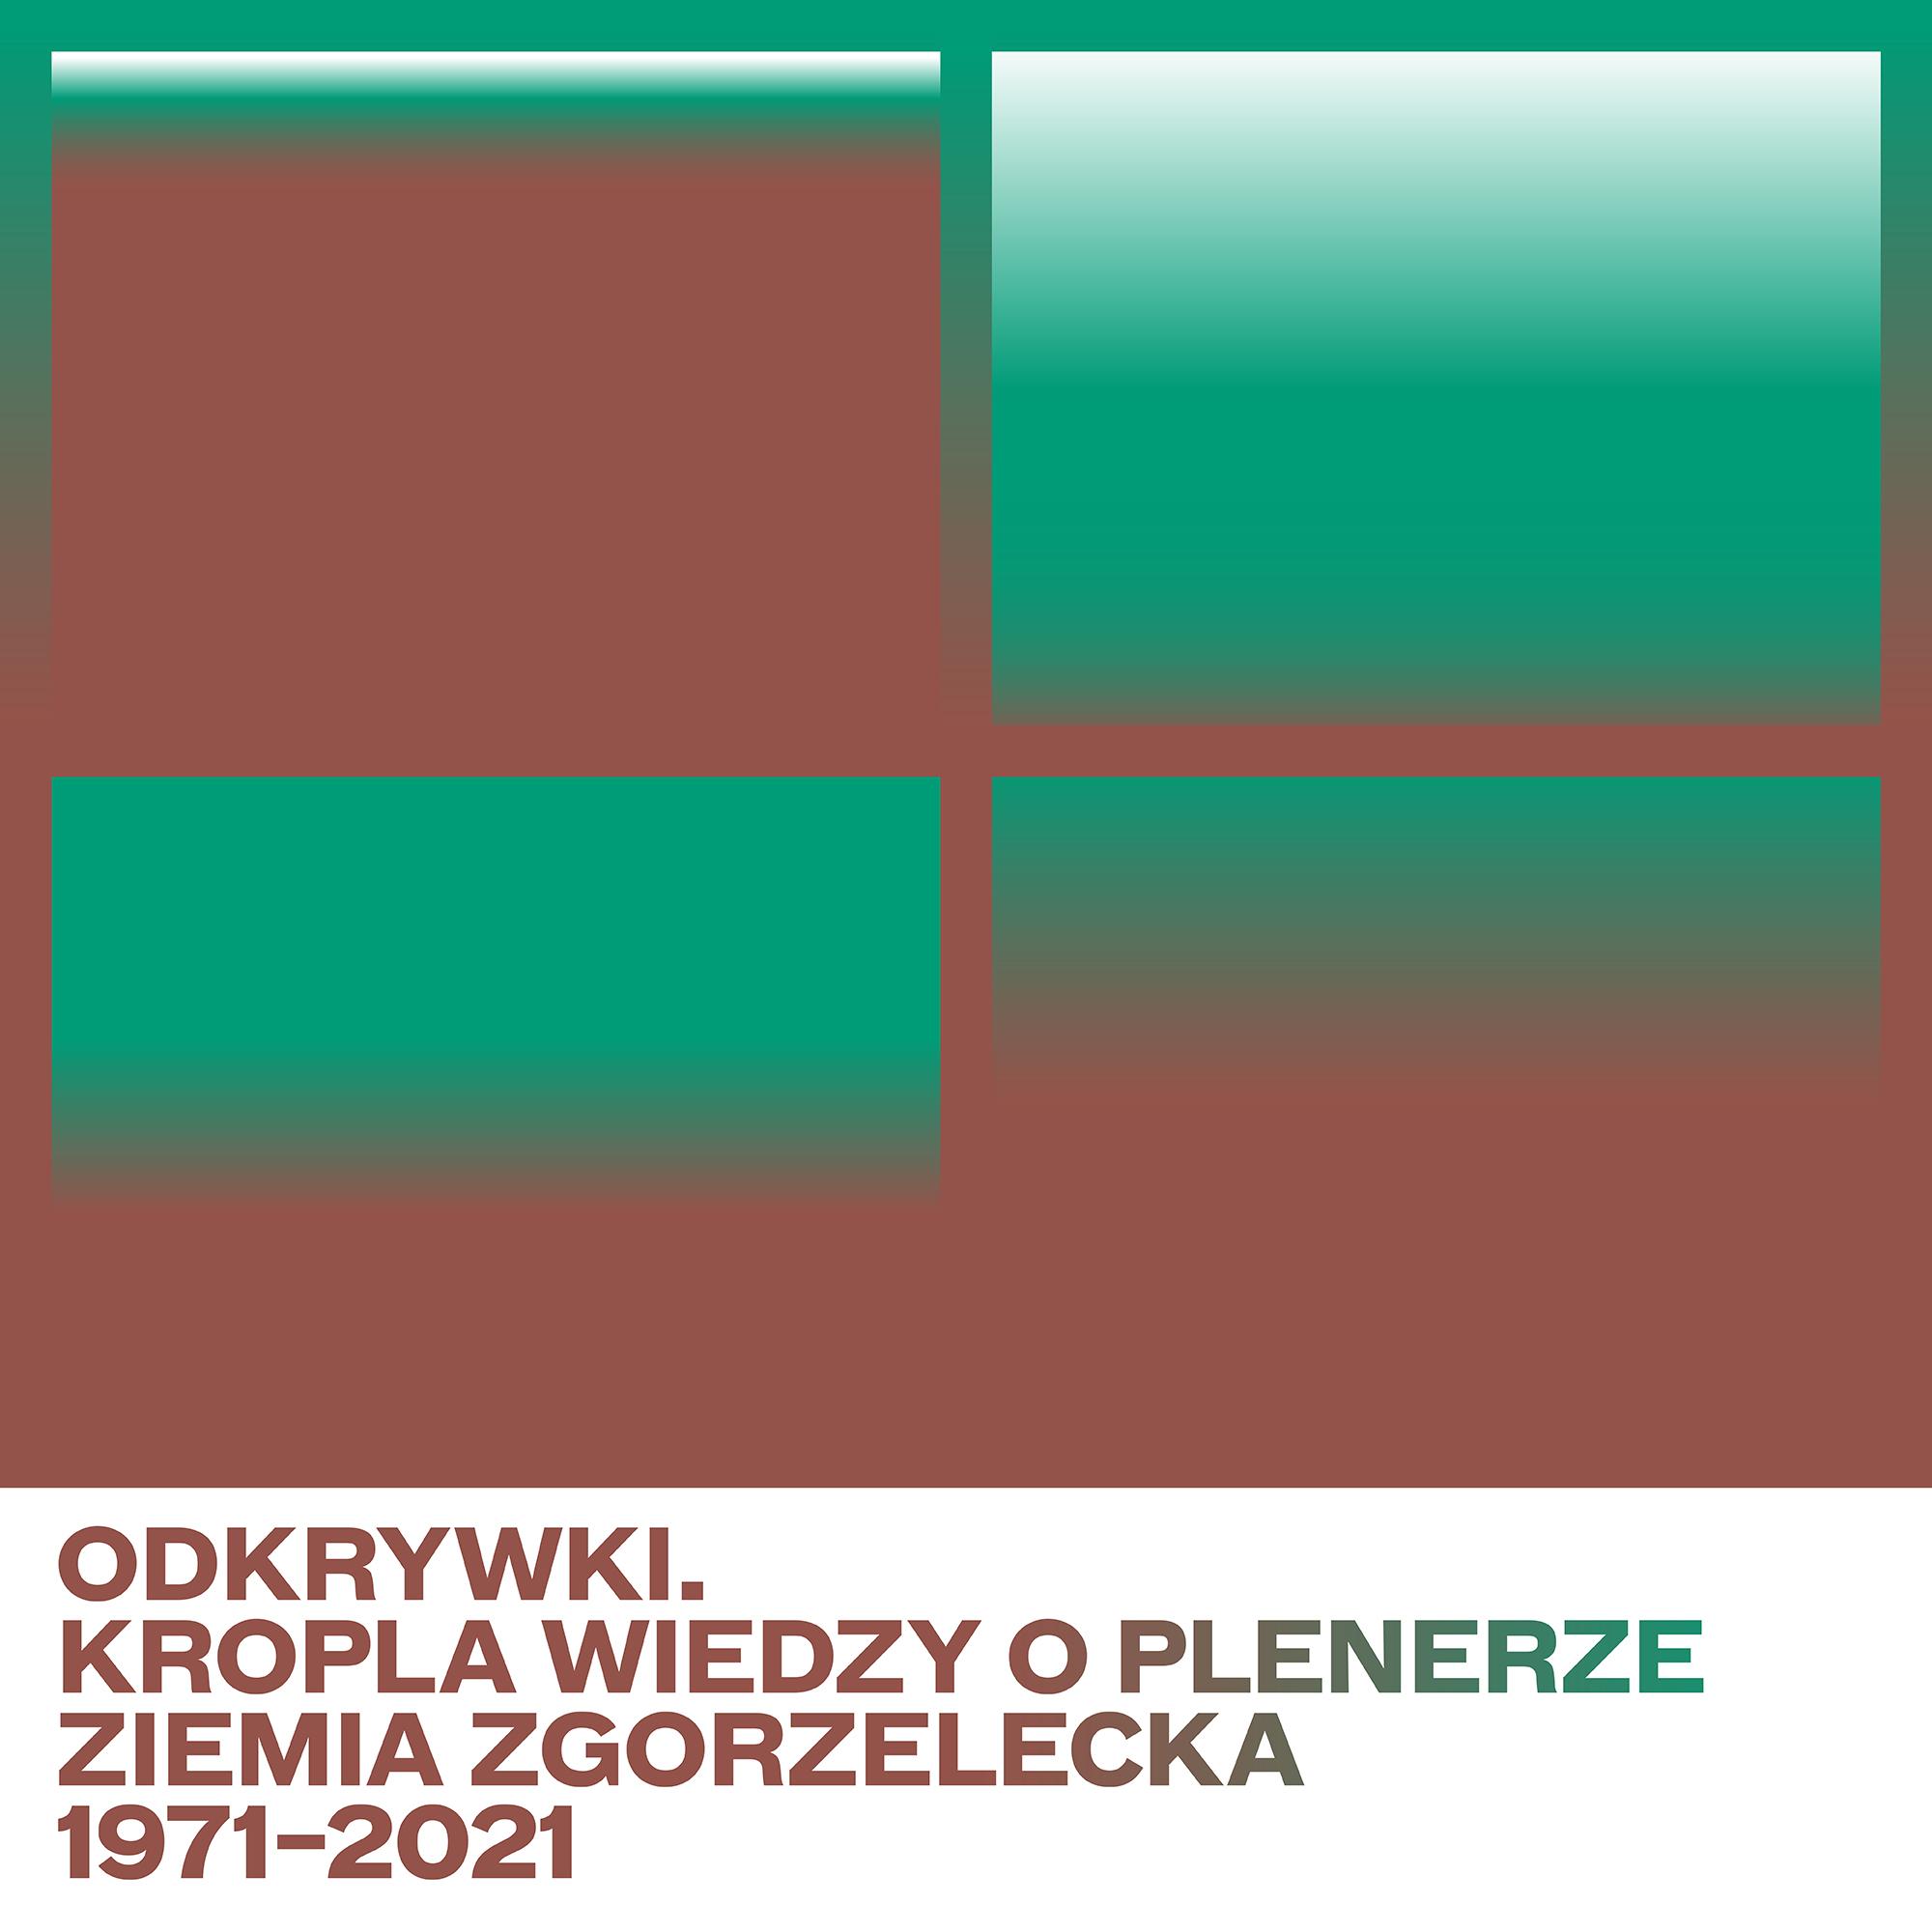 Odkrywki. Kropla wiedzy o Plenerze Ziemia Zgorzelecka 1971–2021